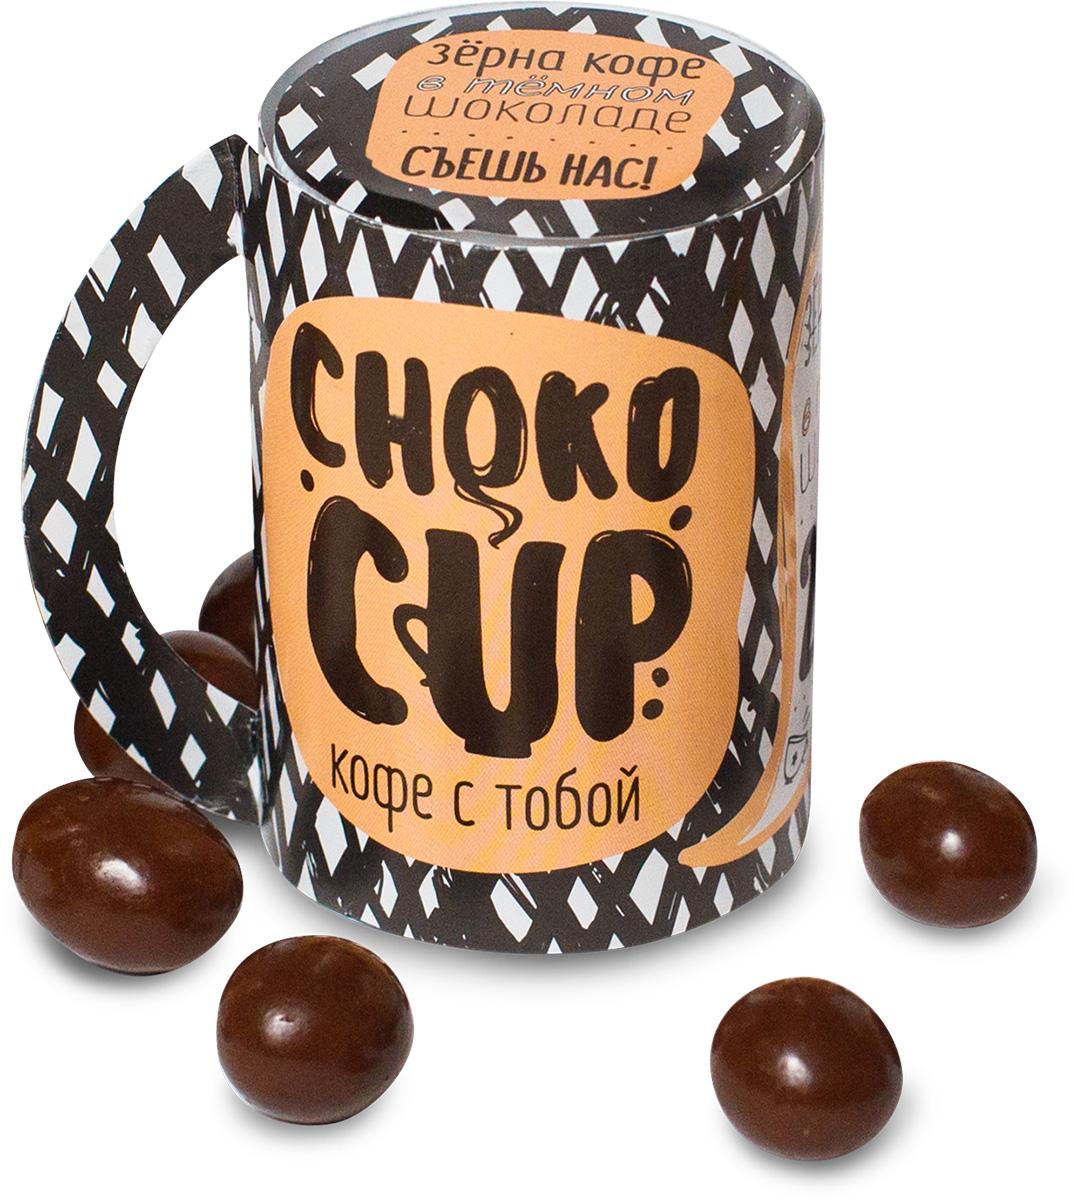 Chokocat Chokocup кофейные зерна в темном шоколаде, 25 г chokocat любимой дочке молочный шоколад 60 г